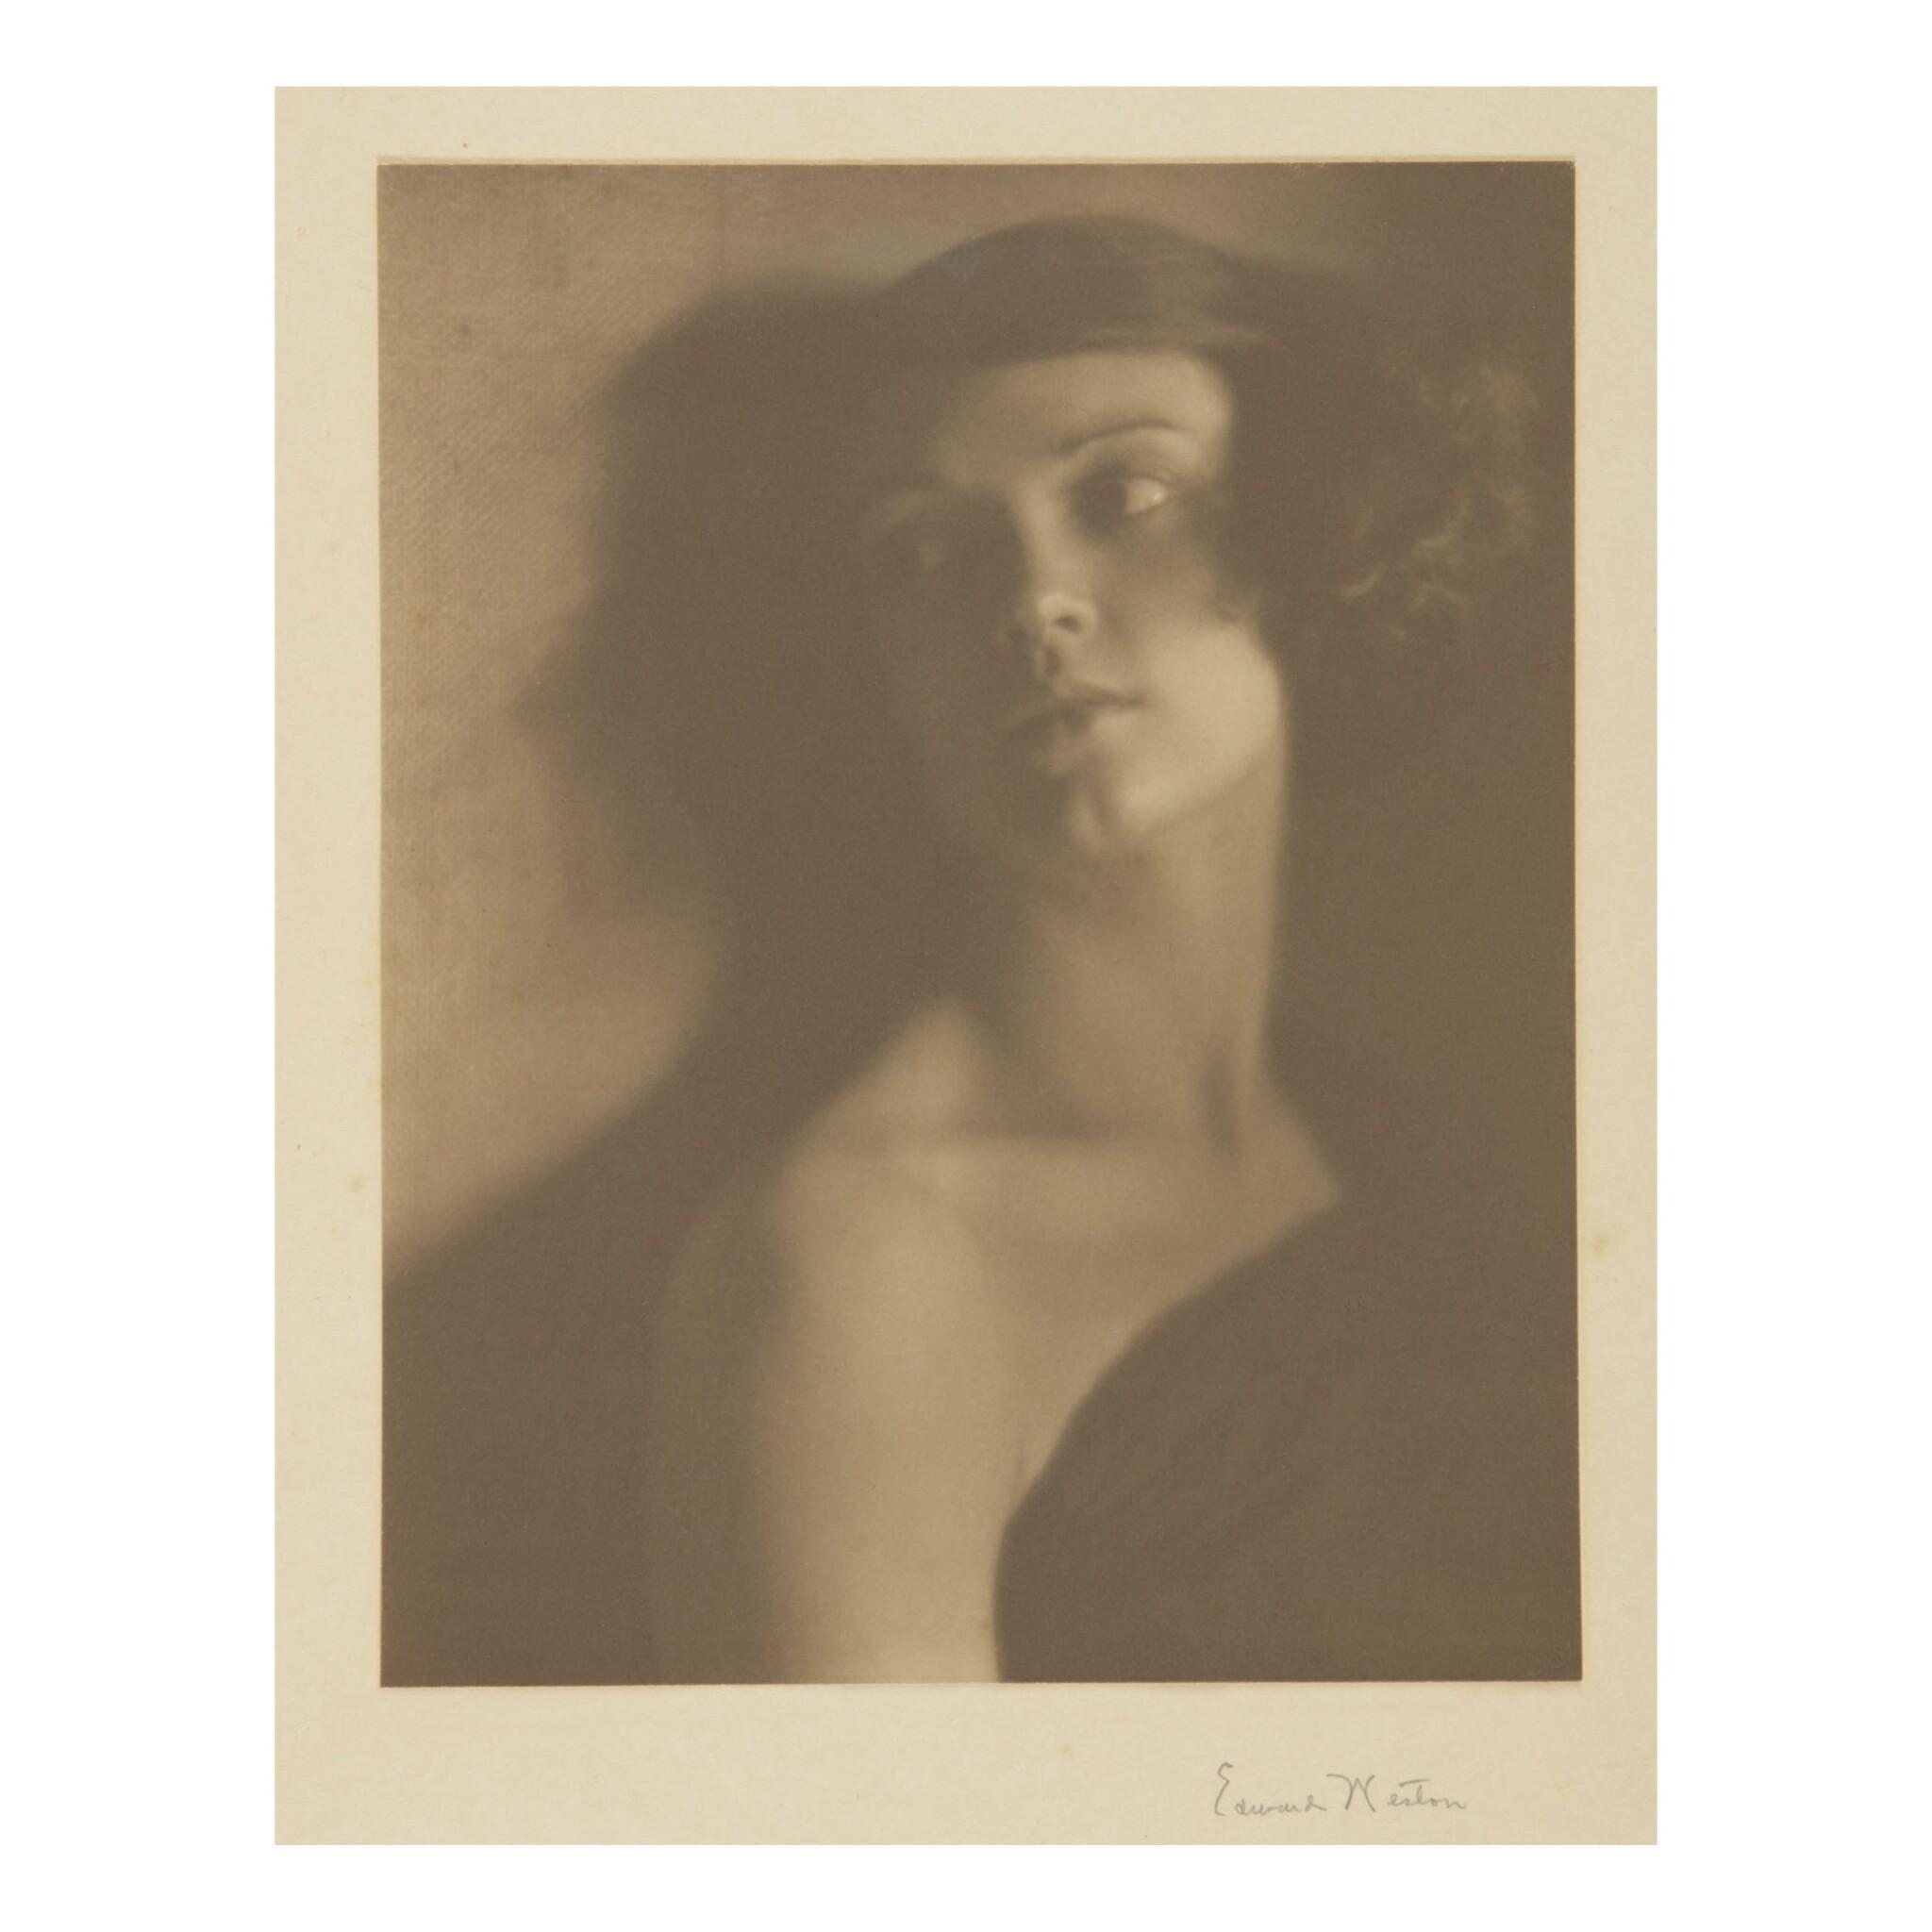 EDWARD WESTON   PORTRAIT OF VIRGINIA 'MIMI' WHITEHEAD